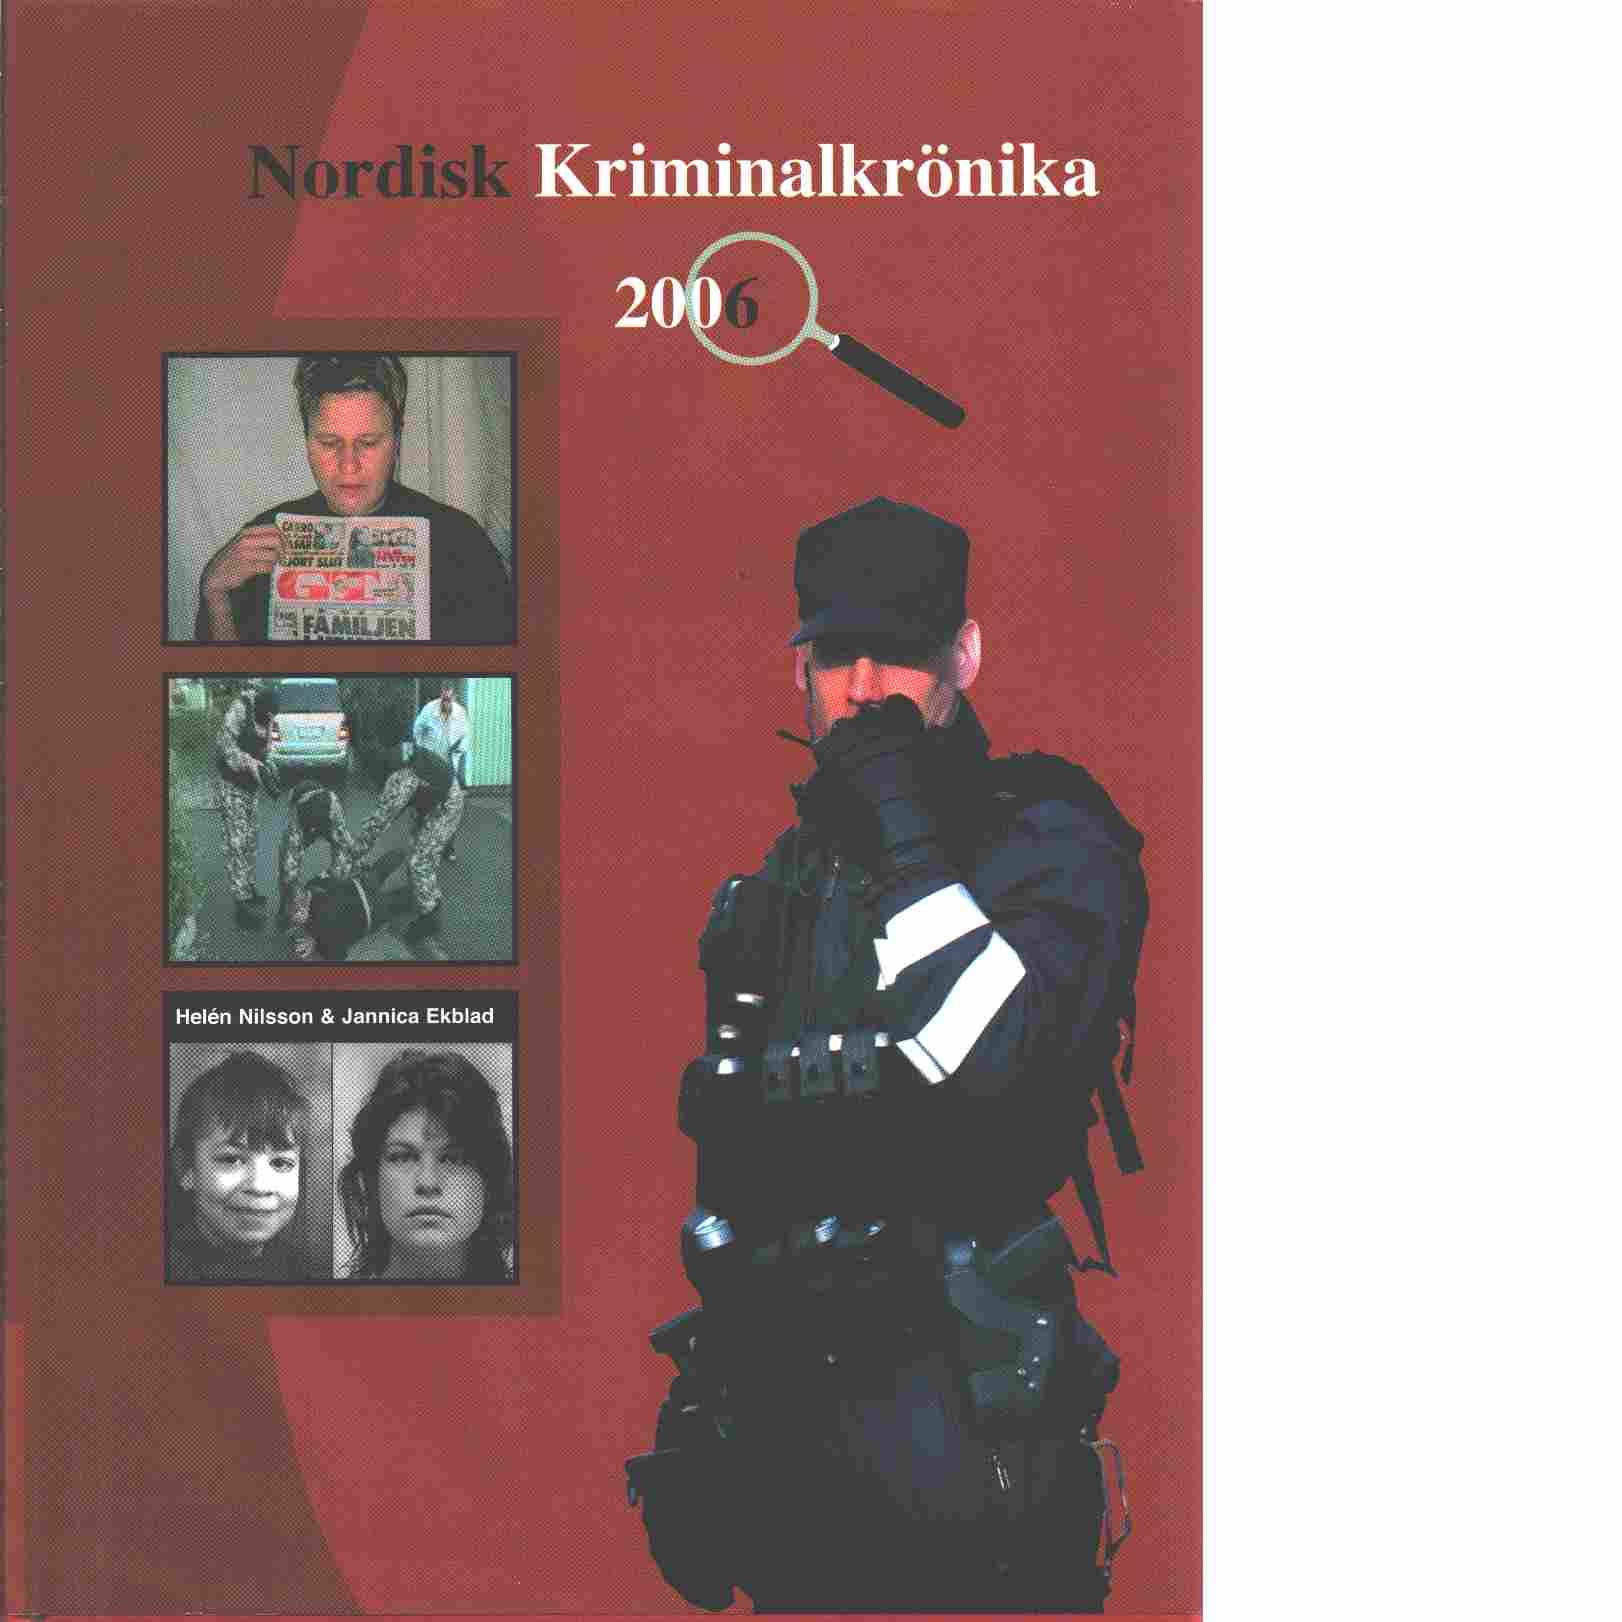 Nordisk kriminalkrönika 2006 - Red. Nordiska polisidrottsförbundet